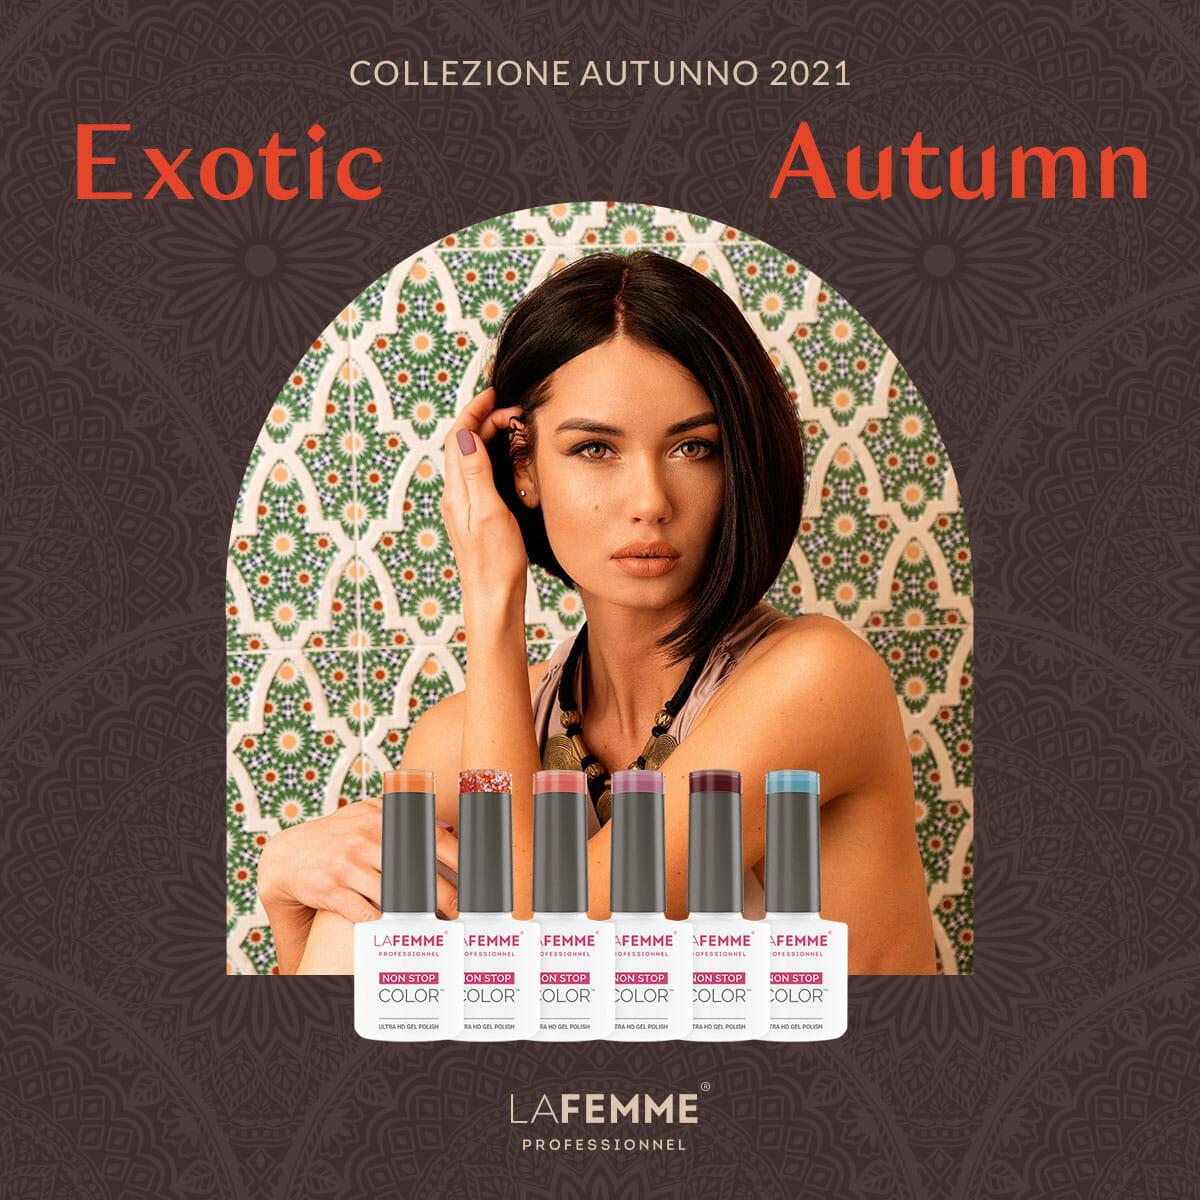 Exotic Autumn - Collezione Semipermanenti Fall 2021